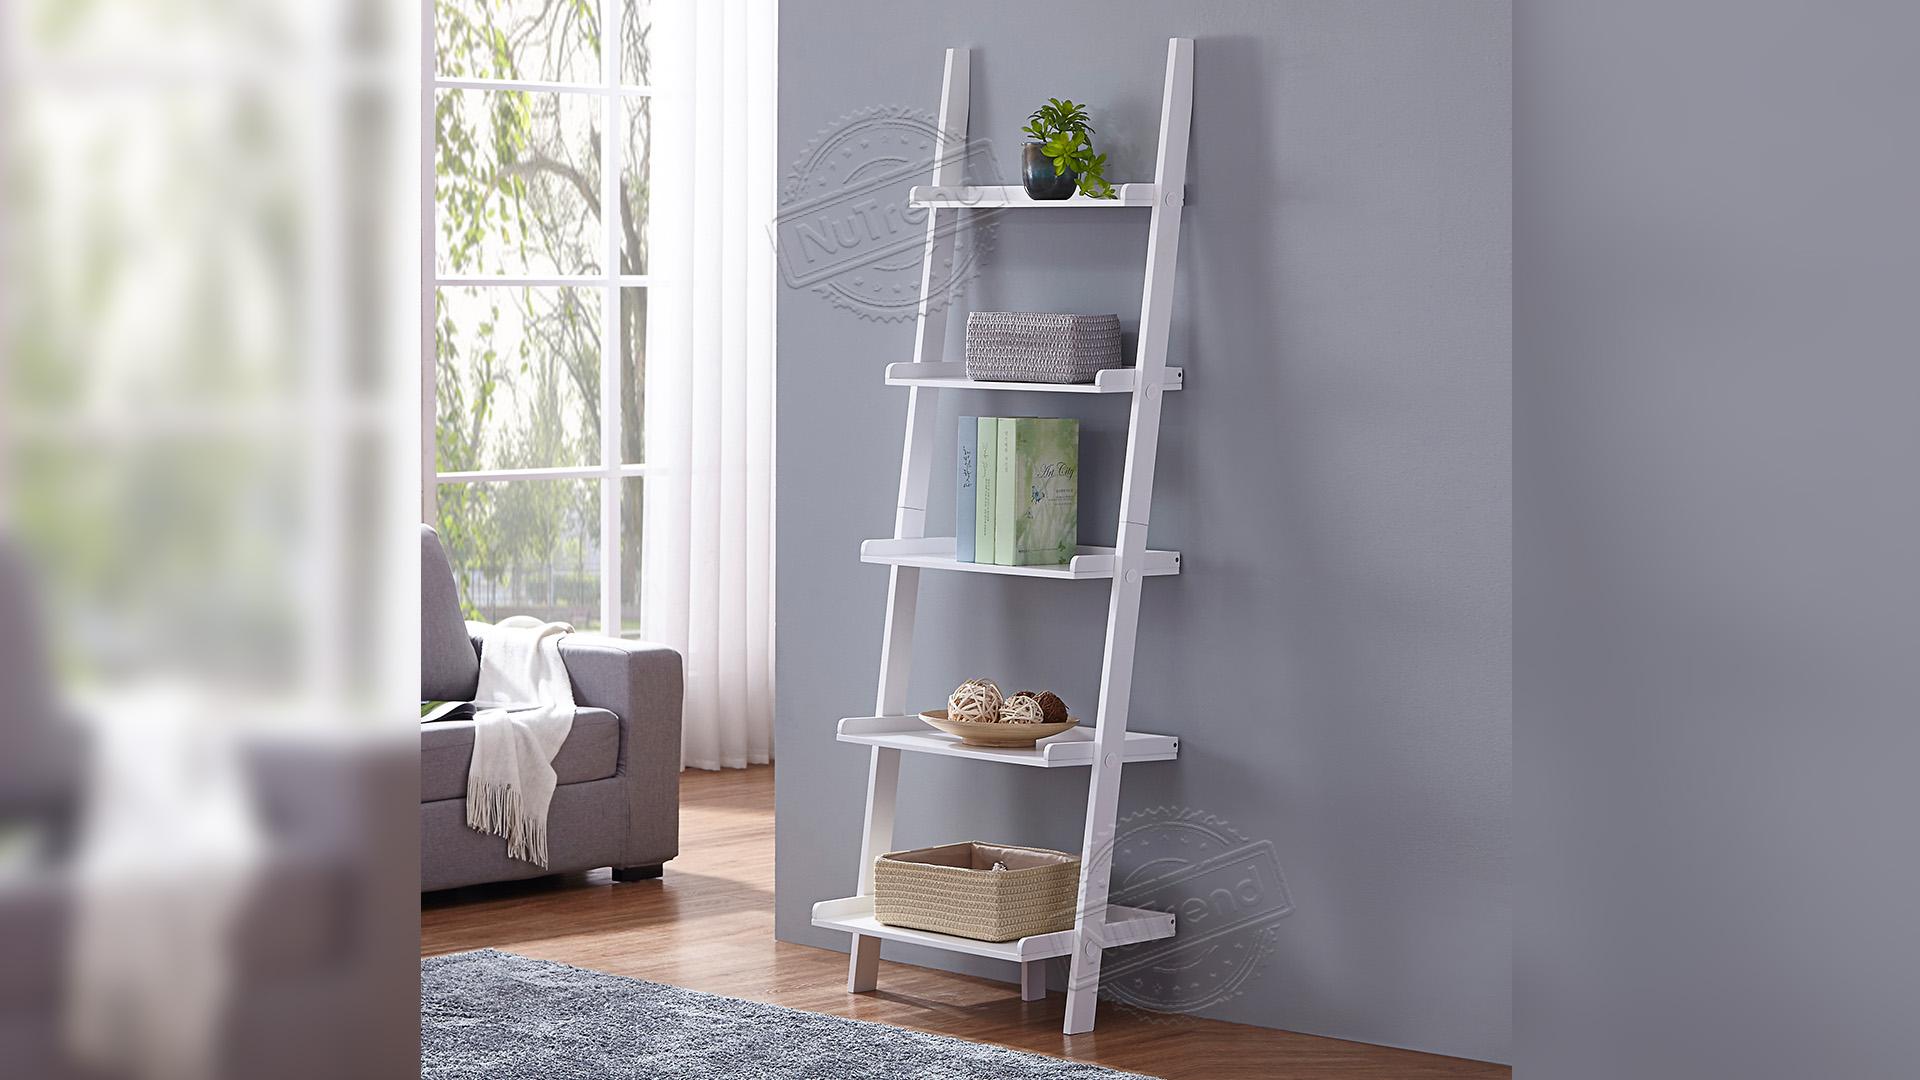 5 niveles inclinados escalera estante madera escalera negro Liquder librero para cualquier habitación 502107